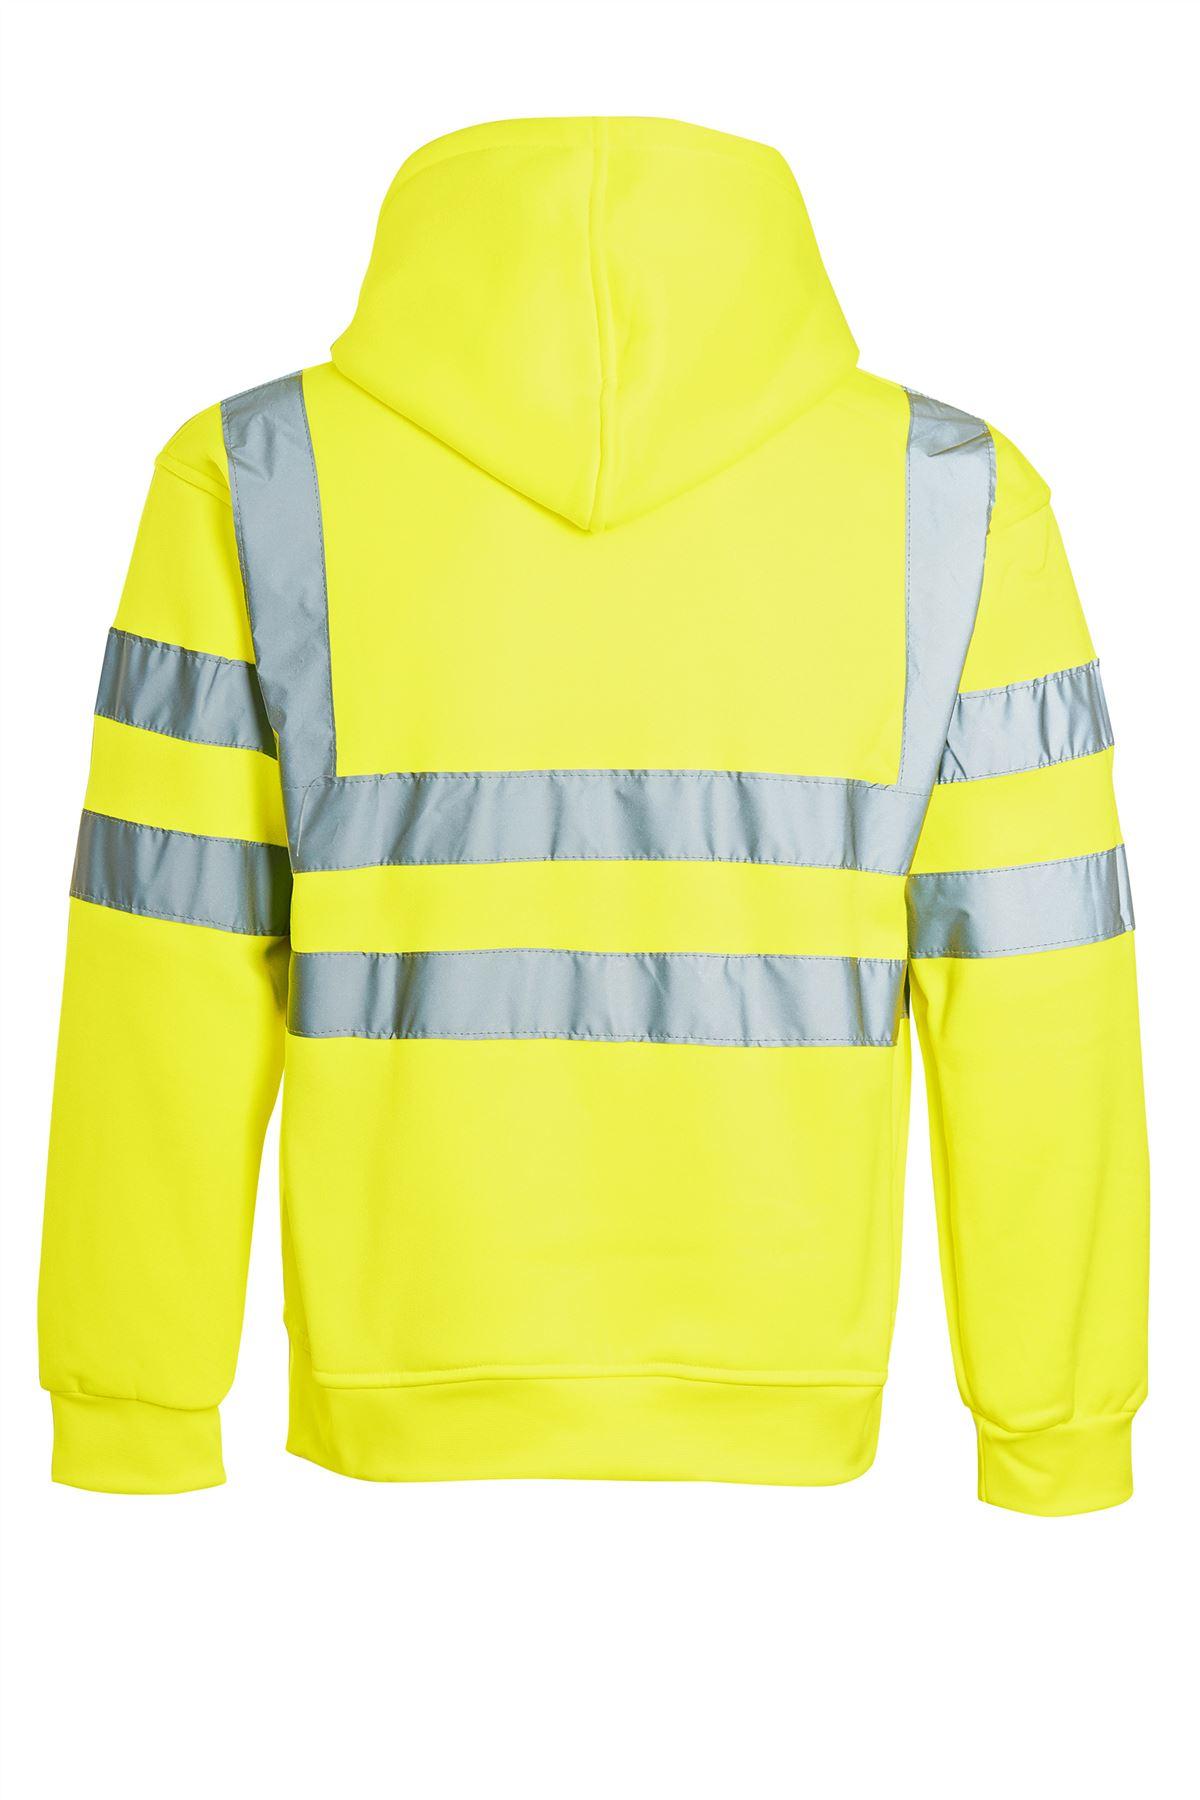 Hommes Fermeture Éclair Polaire Sweat à capuche Hi Viz visibilité Sweat-shirt sécurité travail NEUF